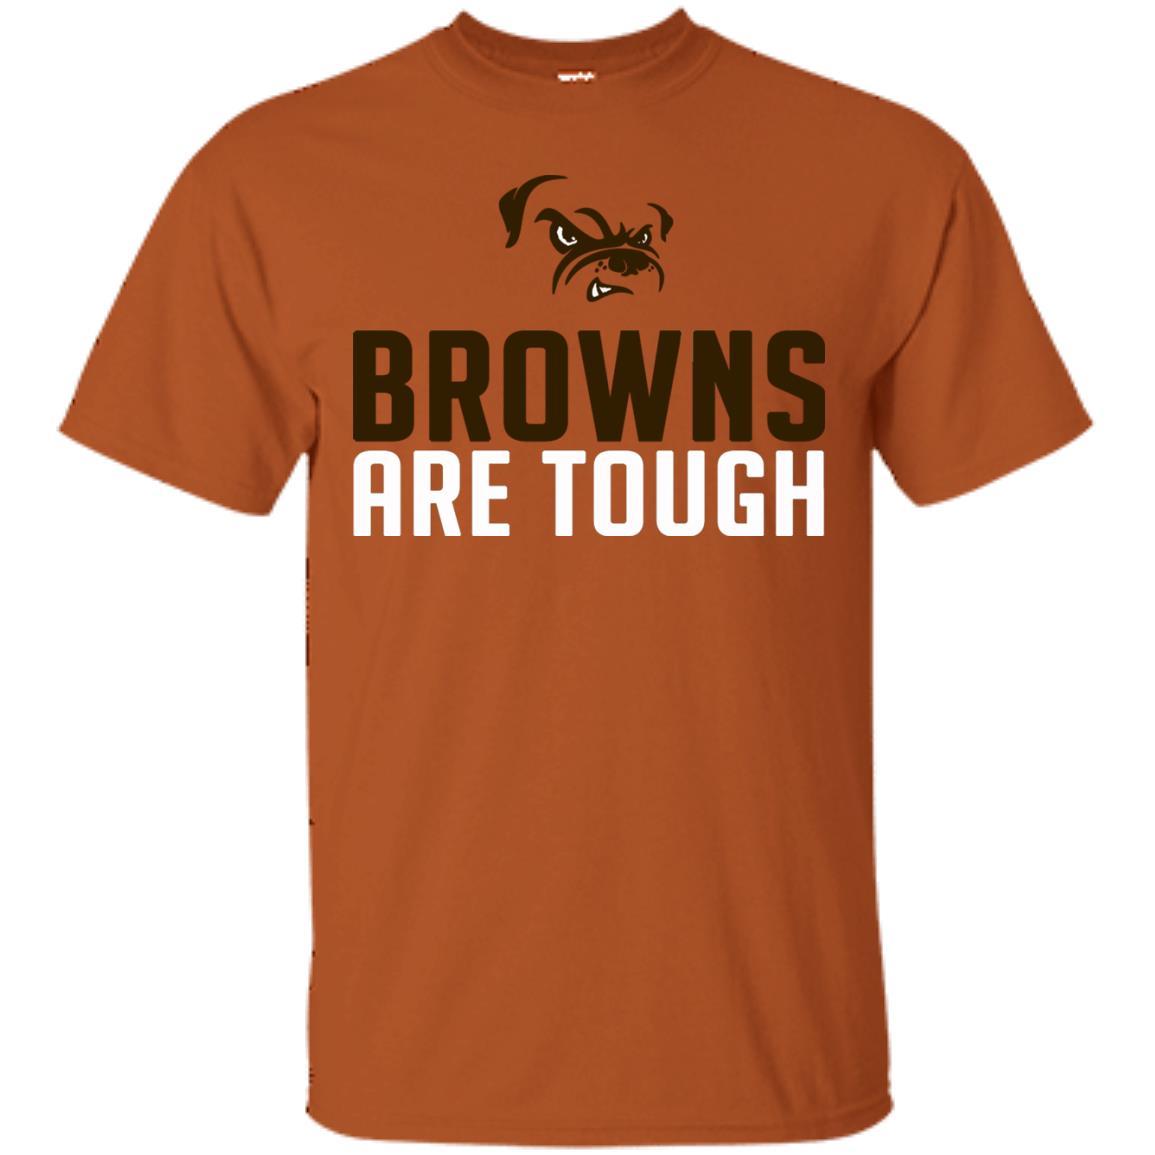 image 2480 - Cleveland Joe Thomas Browns are tough shirt